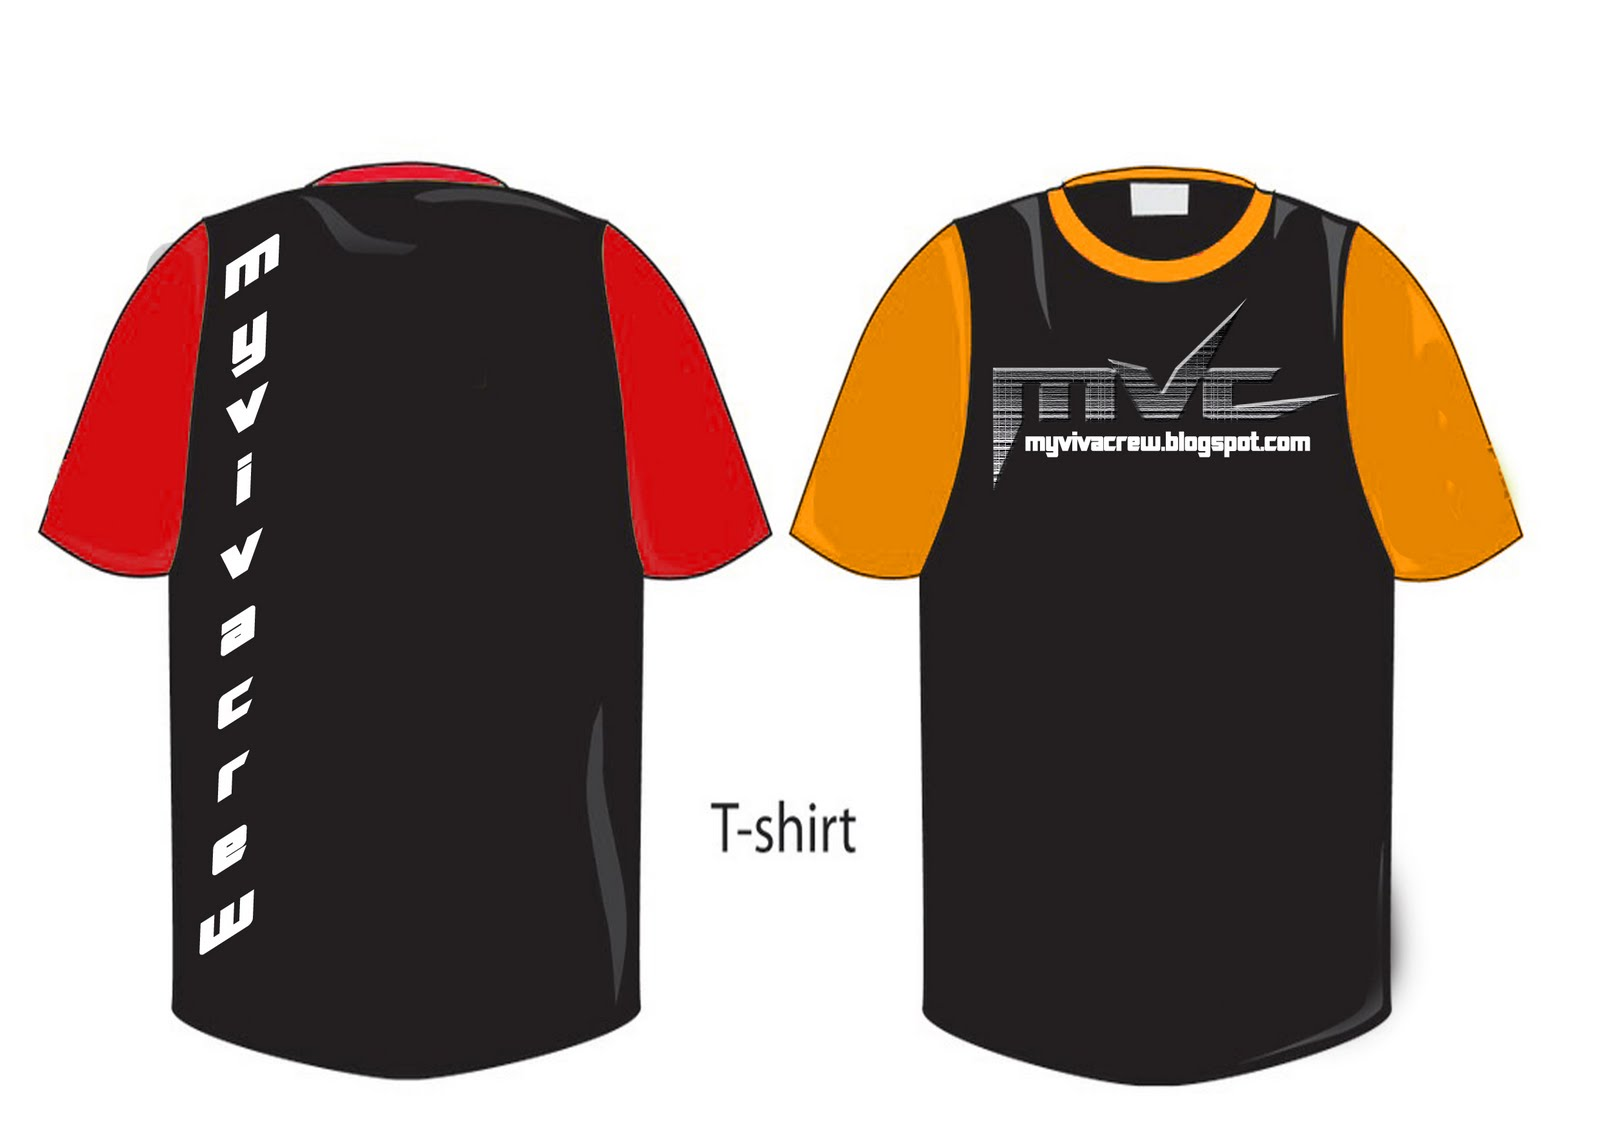 http://mohcetakbaju.com/contoh-design/baju-t-shirt-dak-ostl-crew/